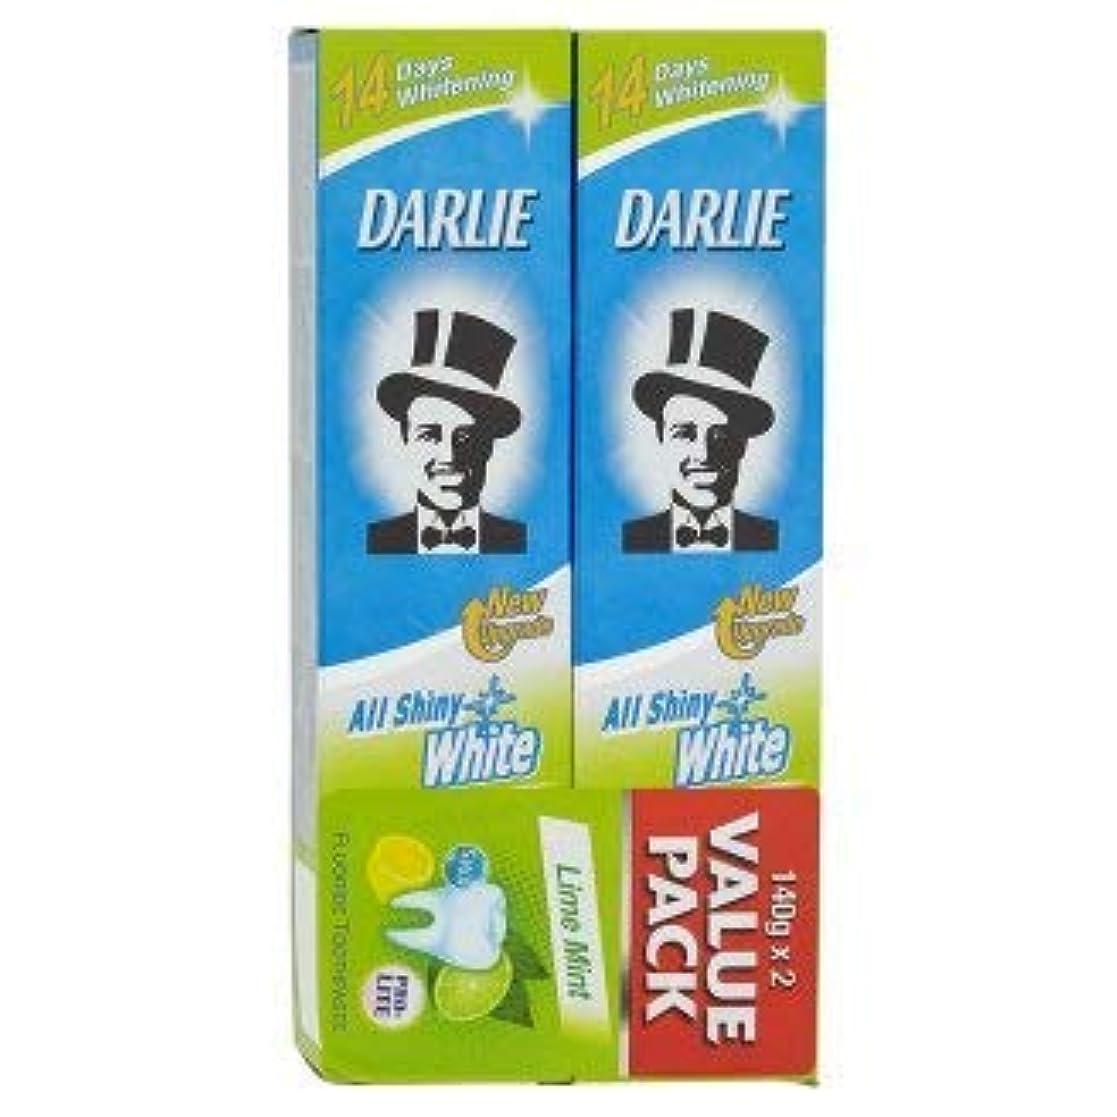 概してスラック害虫DARLIE 2つの電力可溶性汚れや緩やかな歯のホワイトニングを提供する新しいデュアルホワイトニングシステム - 全光沢のある白ライムミント140グラム値パックX2を歯磨き粉